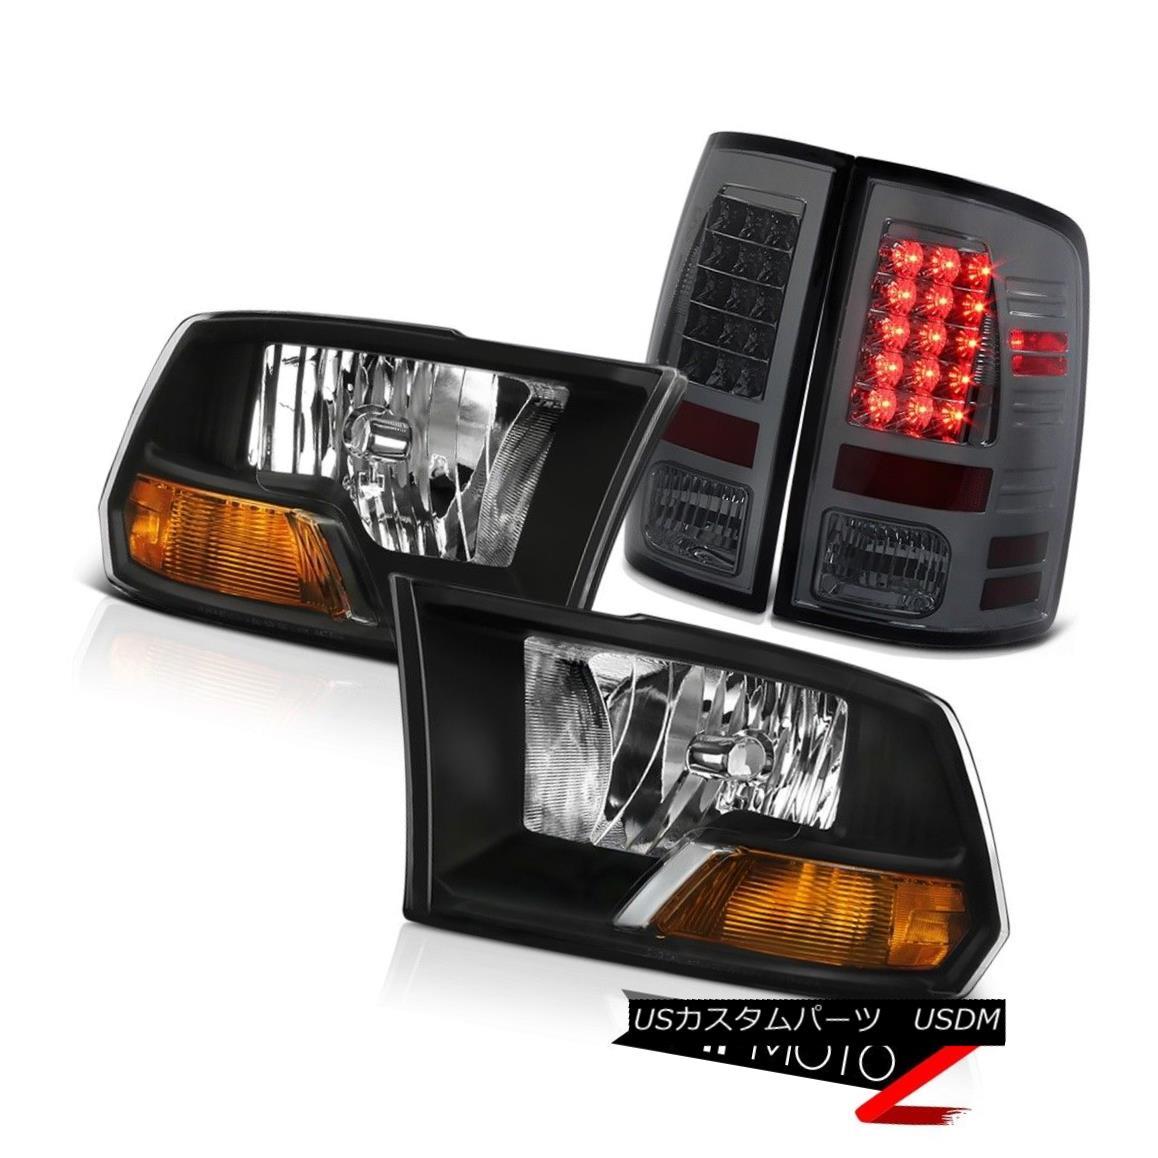 ヘッドライト 2009-2018 Dodge Ram Black Head Lights Smoke LED Rear Tail Lights 2013 2012 2011 2009-2018ダッジラムブラックヘッドライトスモークLEDリアテールライト2013 2012 2011